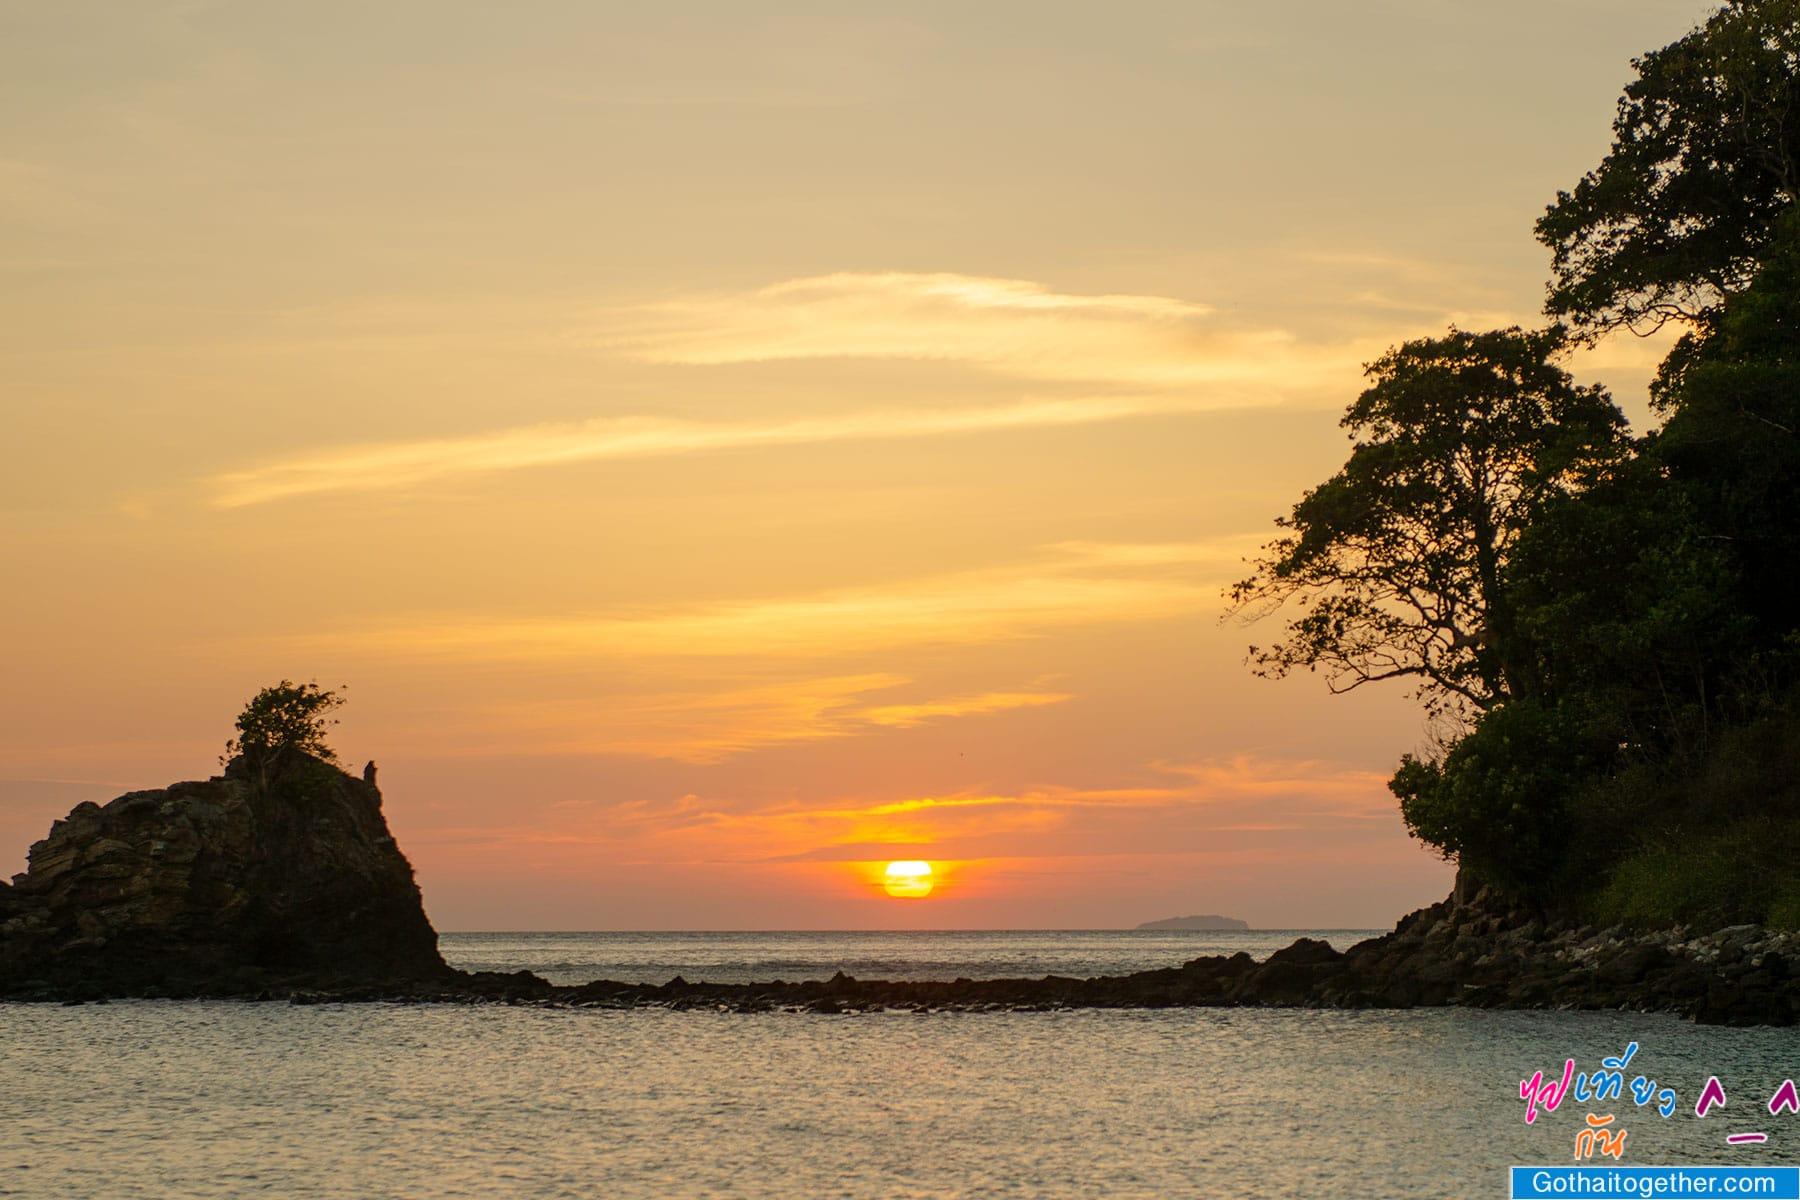 เกาะบรูเออร์ โลกใต้ทะเล สดใหม่ อันสวยงาม สายดำน้ำควรต้องมาเช็คอิน 45